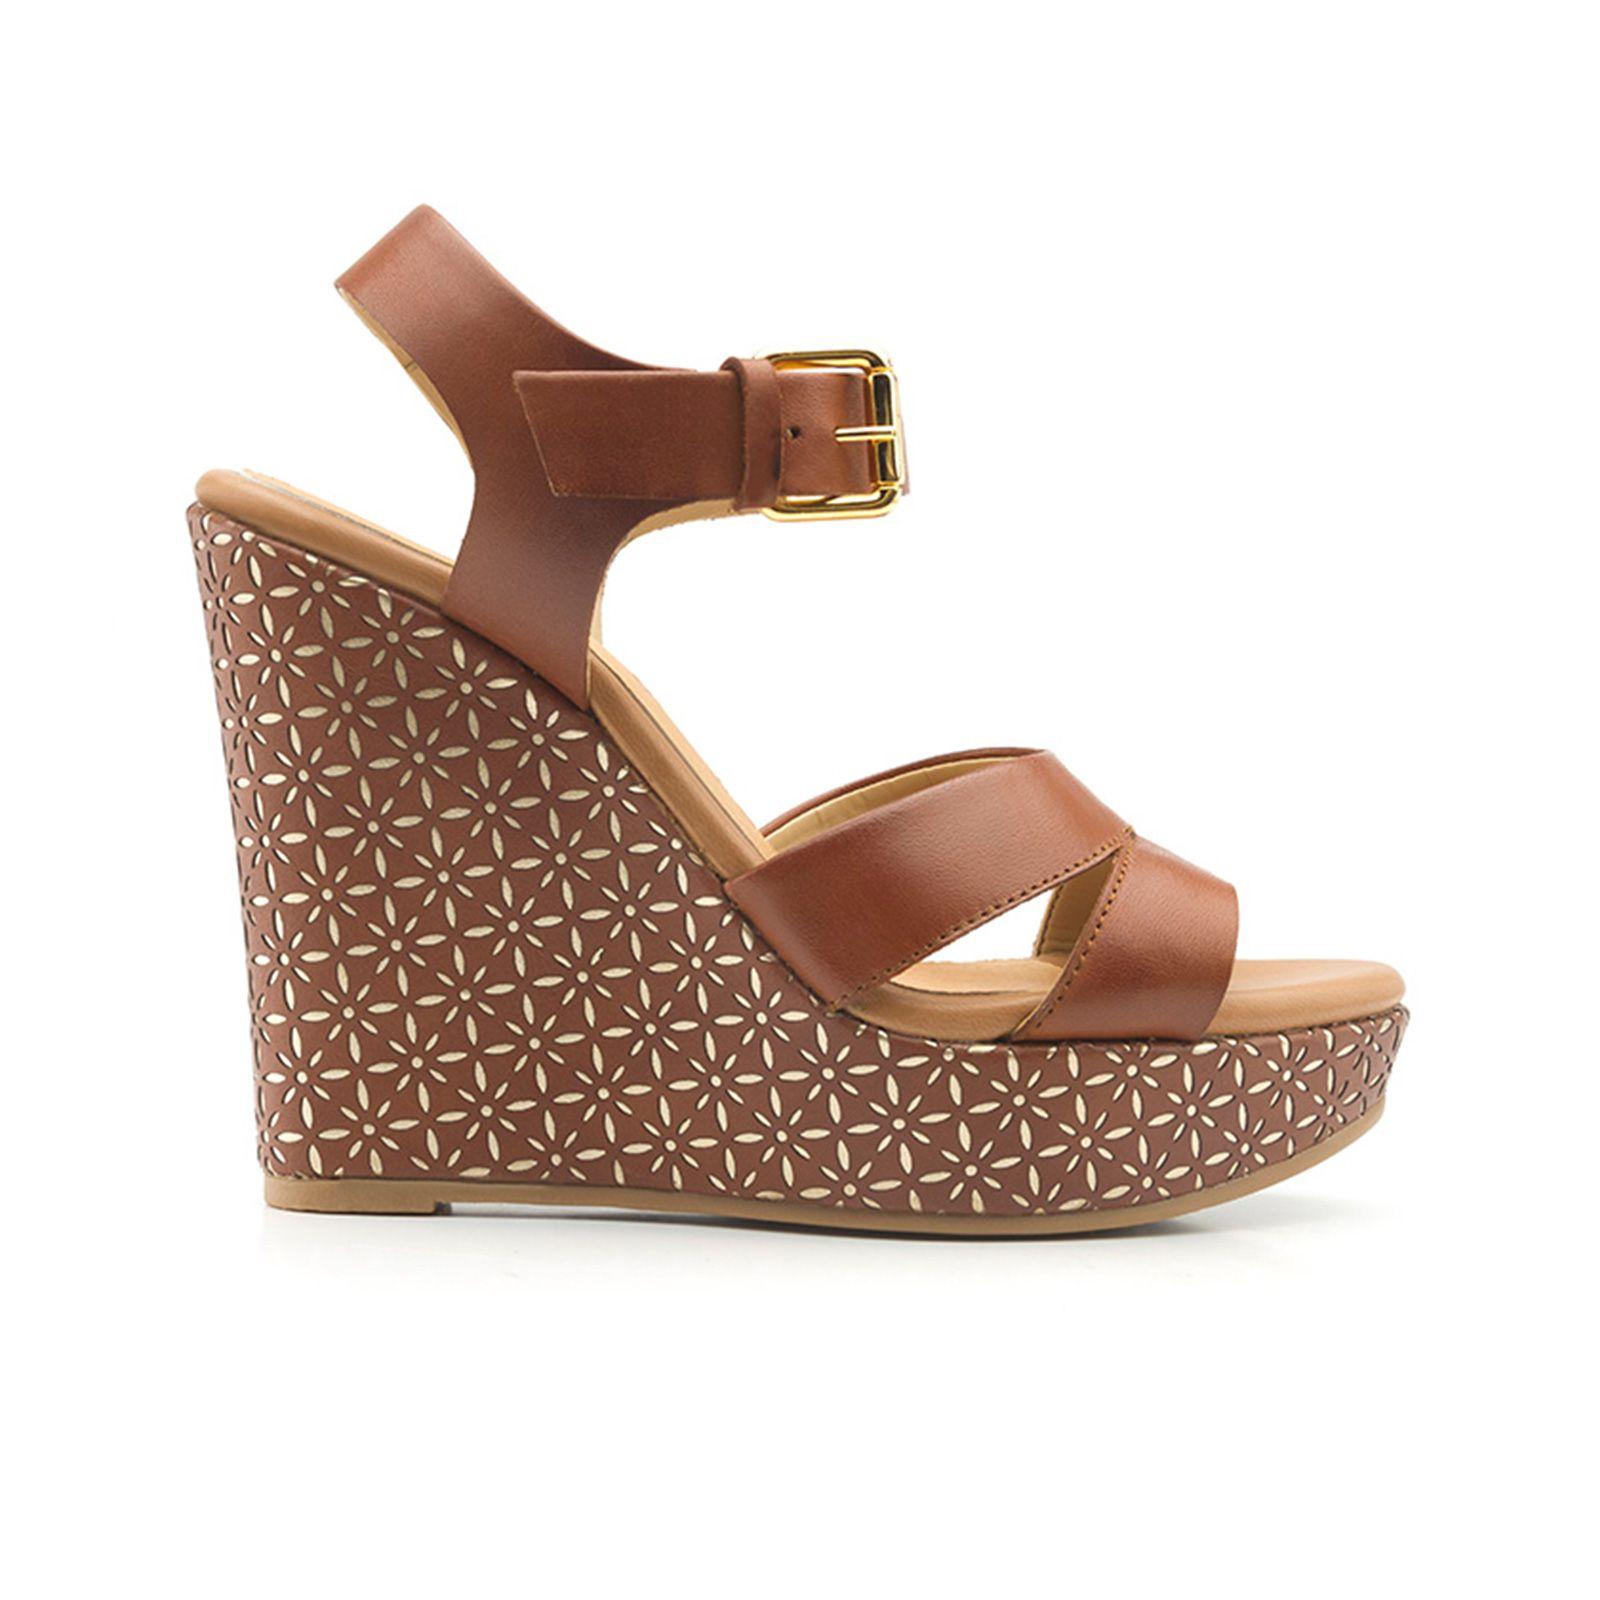 13ae312c1ab Estilo Flexi 20007 Marron -  shoes  zapatos  fashion  moda  goflexi  flexi   clothes  style  estilo  summer  spring  primavera  verano